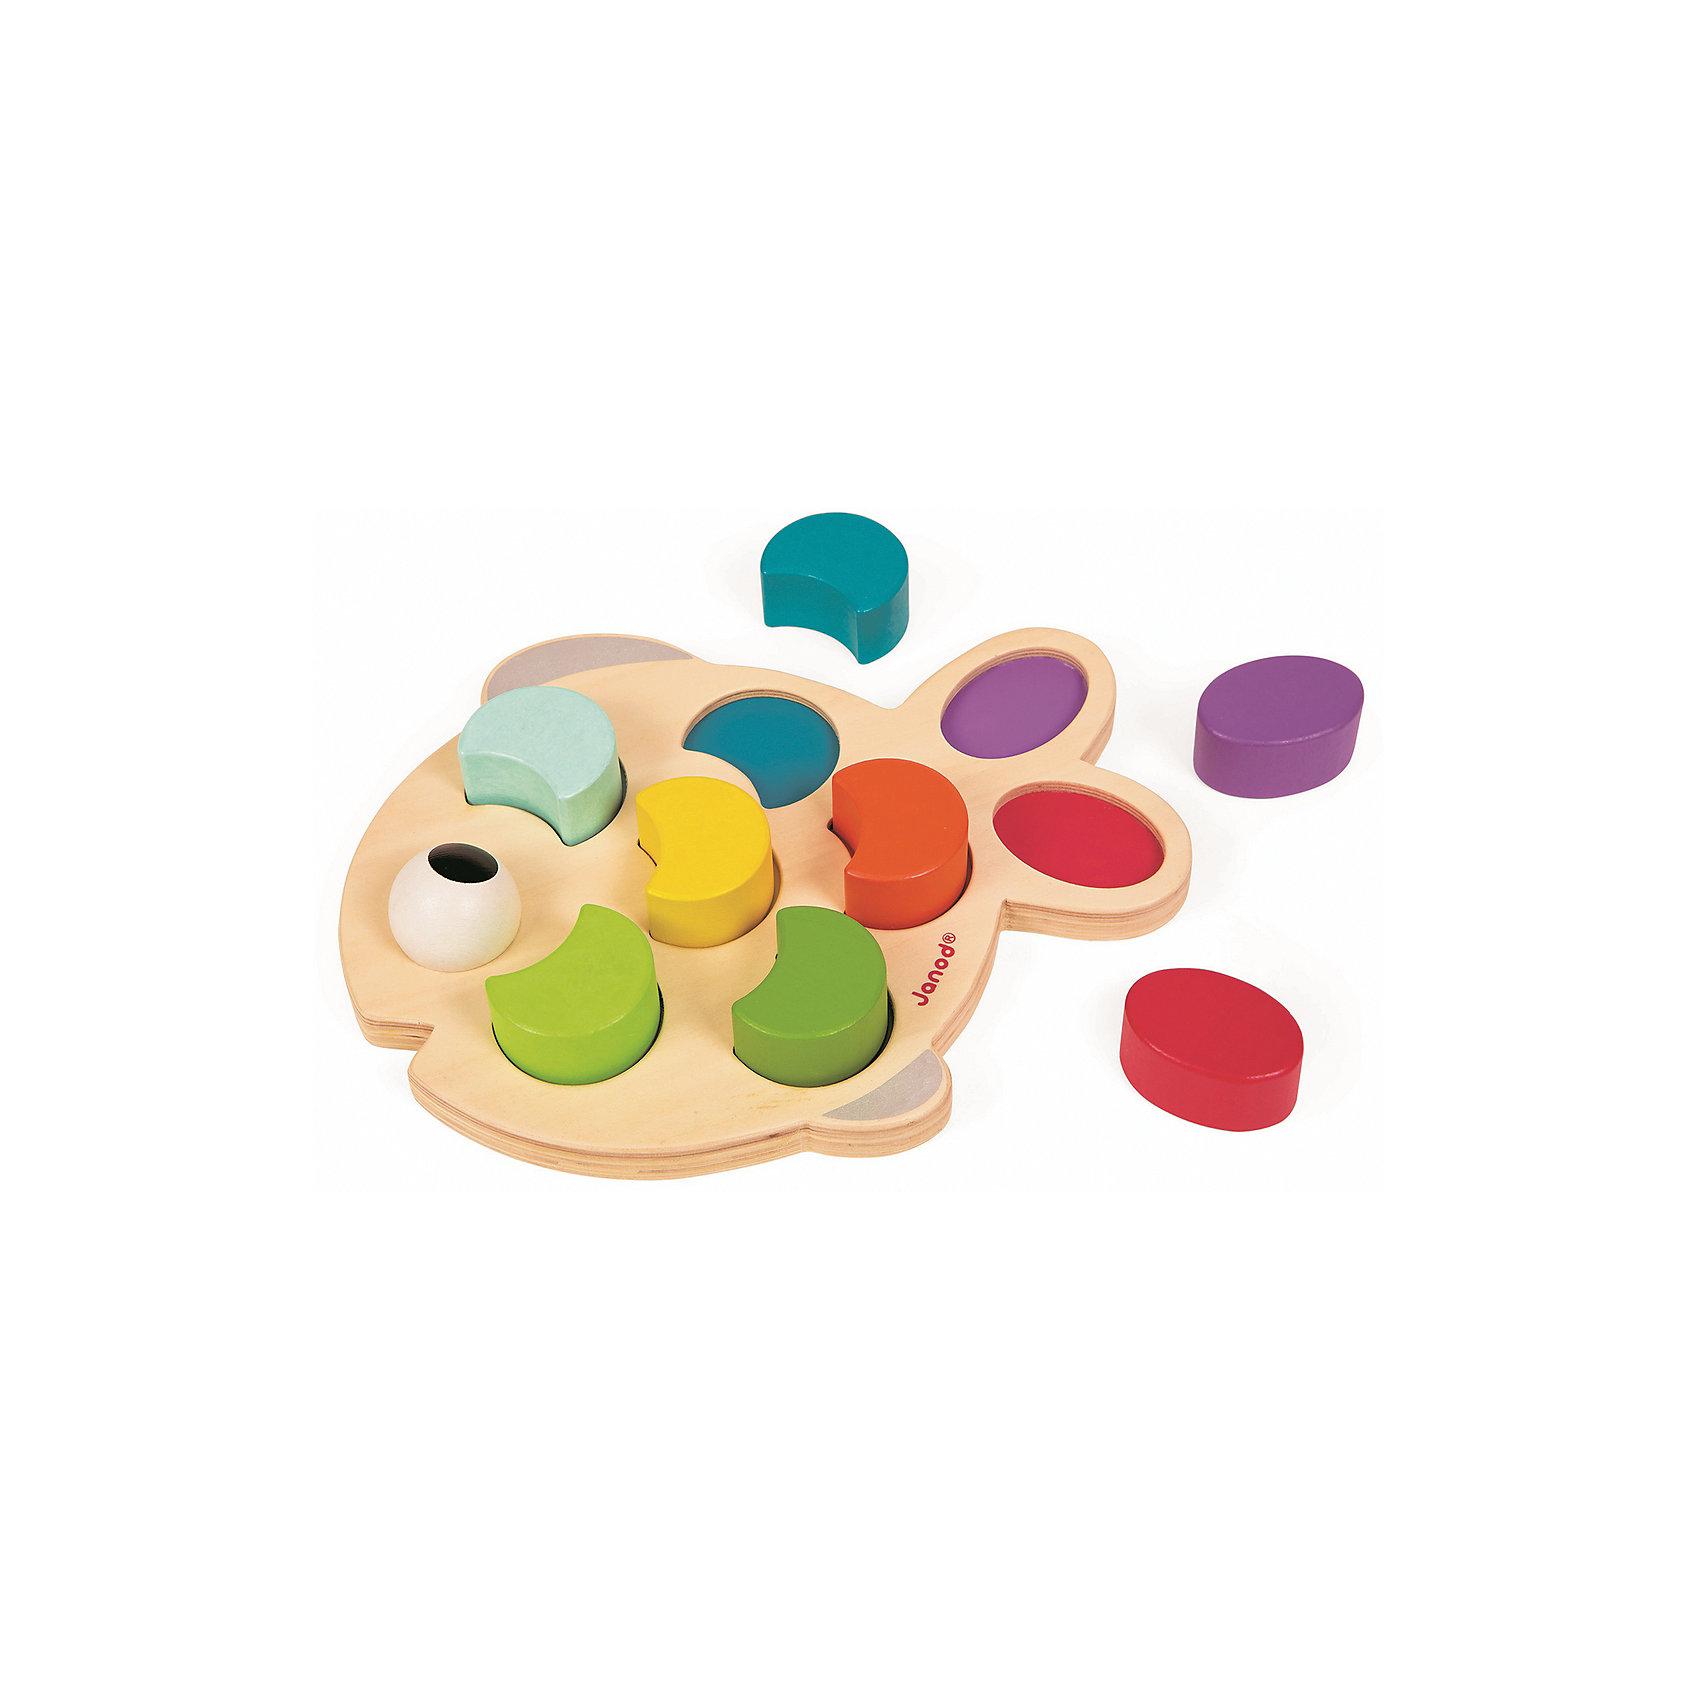 Сортер Рыбка, JanodРазвивающие игрушки<br>Сортер Рыбка, Janod (Жанод) ? игрушка от французского бренда Janod для детей старше одного года. Сортер от Janod (Жанод) выполнен из натуральной древесины, элементы окрашены яркими красками на водной основе и меют гладкую поверхность.<br>Сортер Рыбка состоит из основания в форме рыбки, на котором имеются отверстия под объемные вкладыши-элементы. Вкладыши выполнены в форме разноцветных чешуек. В комплекте прилагаются 7 разноцветных объемных чешуек в форме полумесяца, два элемента в форме овала и круглый глаз.<br>Сортер Рыбка, Janod (Жанод) многофункциональна: с помощью игрушки ребенок научится различать основные цвета и познакомится с различными геометрическими фигурами.<br>Собирая пирамидку,  ребенок развивает образное и логическое мышление, тренирует память и внимательность, приучается к усидчивости, у него развивается мелкая моторика и тактильное восприятие. <br><br>Дополнительная информация:<br><br>- Вид игр: игры-головоломки<br>- Предназначение: для дома<br>- Материал: дерево<br>- Комплектация: 9 разноцветных элементов, основание-рыбка<br>- Размер (Д*Ш*В): 29*4,6*20 см<br>- Вес: 450 г <br>- Пол: для девочек/для мальчиков<br>- Особенности ухода: можно протирать сухой губкой<br><br>Подробнее:<br><br>• Для детей в возрасте: от 1,5 лет <br>• Страна производитель: Китай<br>• Торговый бренд: Janod<br><br>Сортер Бабочка, Janod (Жанод) можно купить в нашем интернет-магазине.<br><br>Ширина мм: 29<br>Глубина мм: 4<br>Высота мм: 20<br>Вес г: 450<br>Возраст от месяцев: 24<br>Возраст до месяцев: 2147483647<br>Пол: Унисекс<br>Возраст: Детский<br>SKU: 4871791